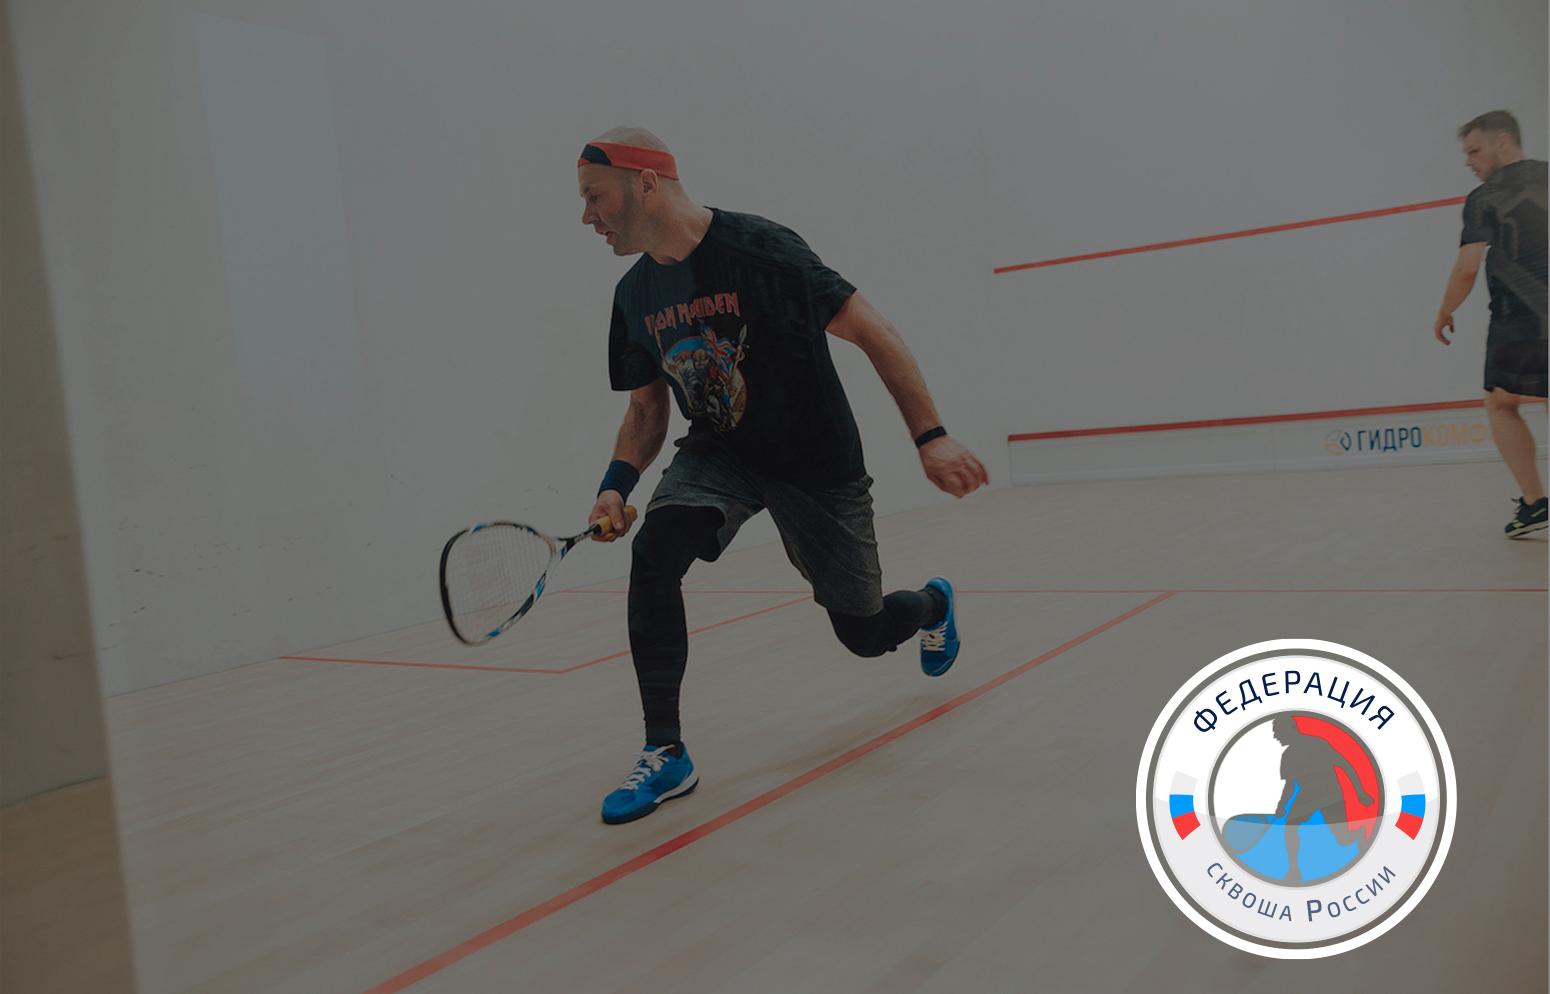 Разработать логотип для Федерации сквоша России фото f_1915f31413a57512.jpg